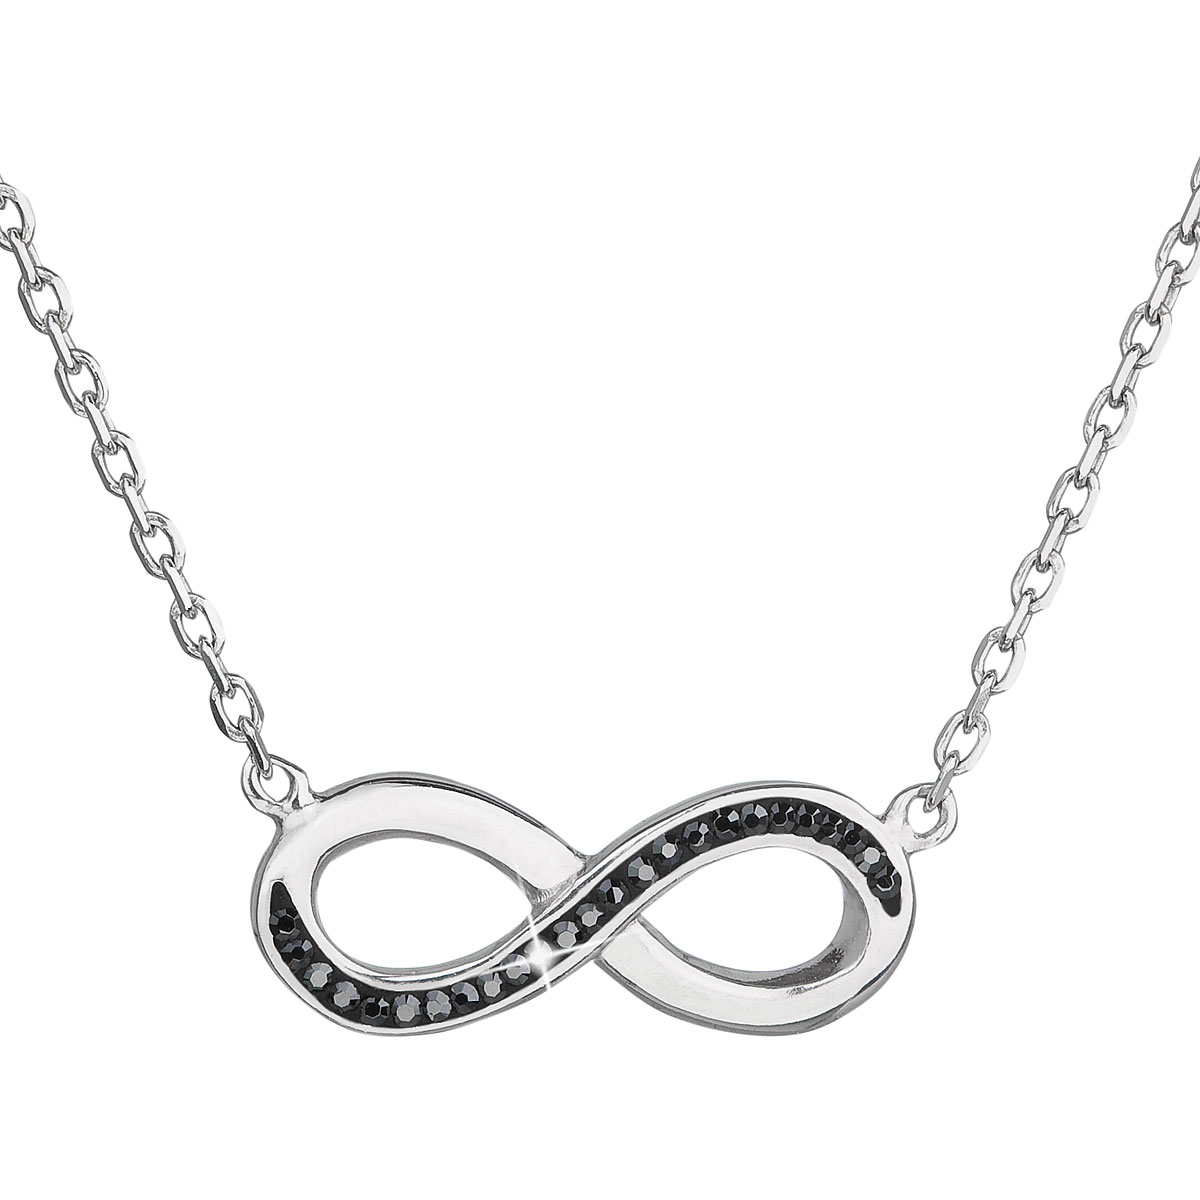 Evolution Group s.r.o. EVOPUTION GROUP Stříbrný náhrdelník s krystaly  Swarovski černé infinity ac575ccfd41